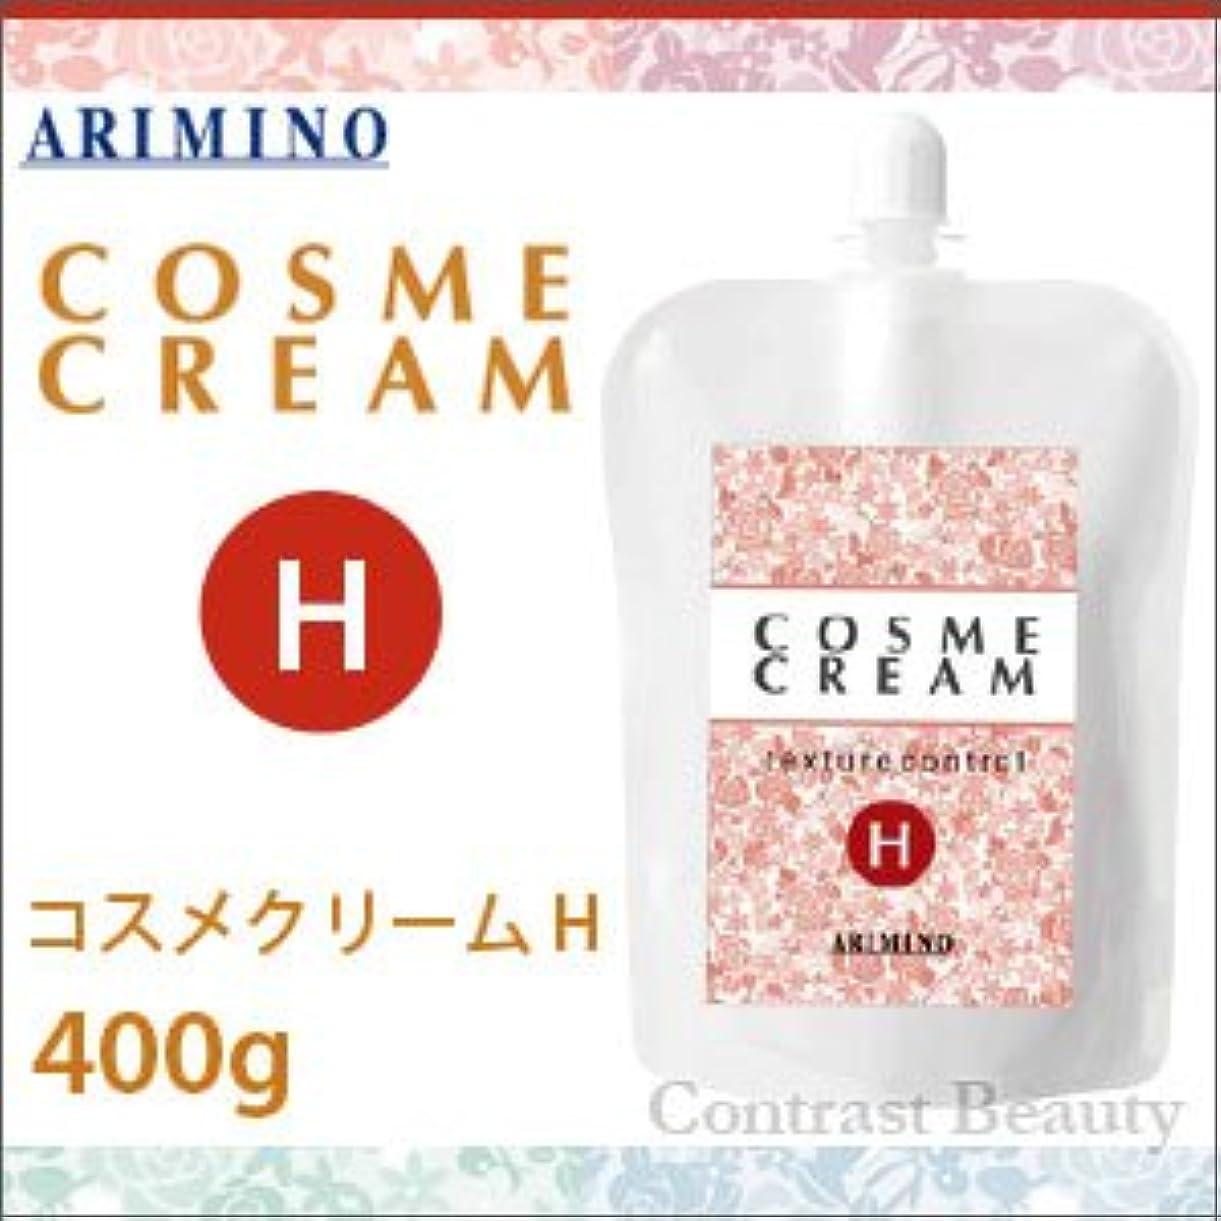 メディカル配管工限りアリミノ コスメクリーム H 400g